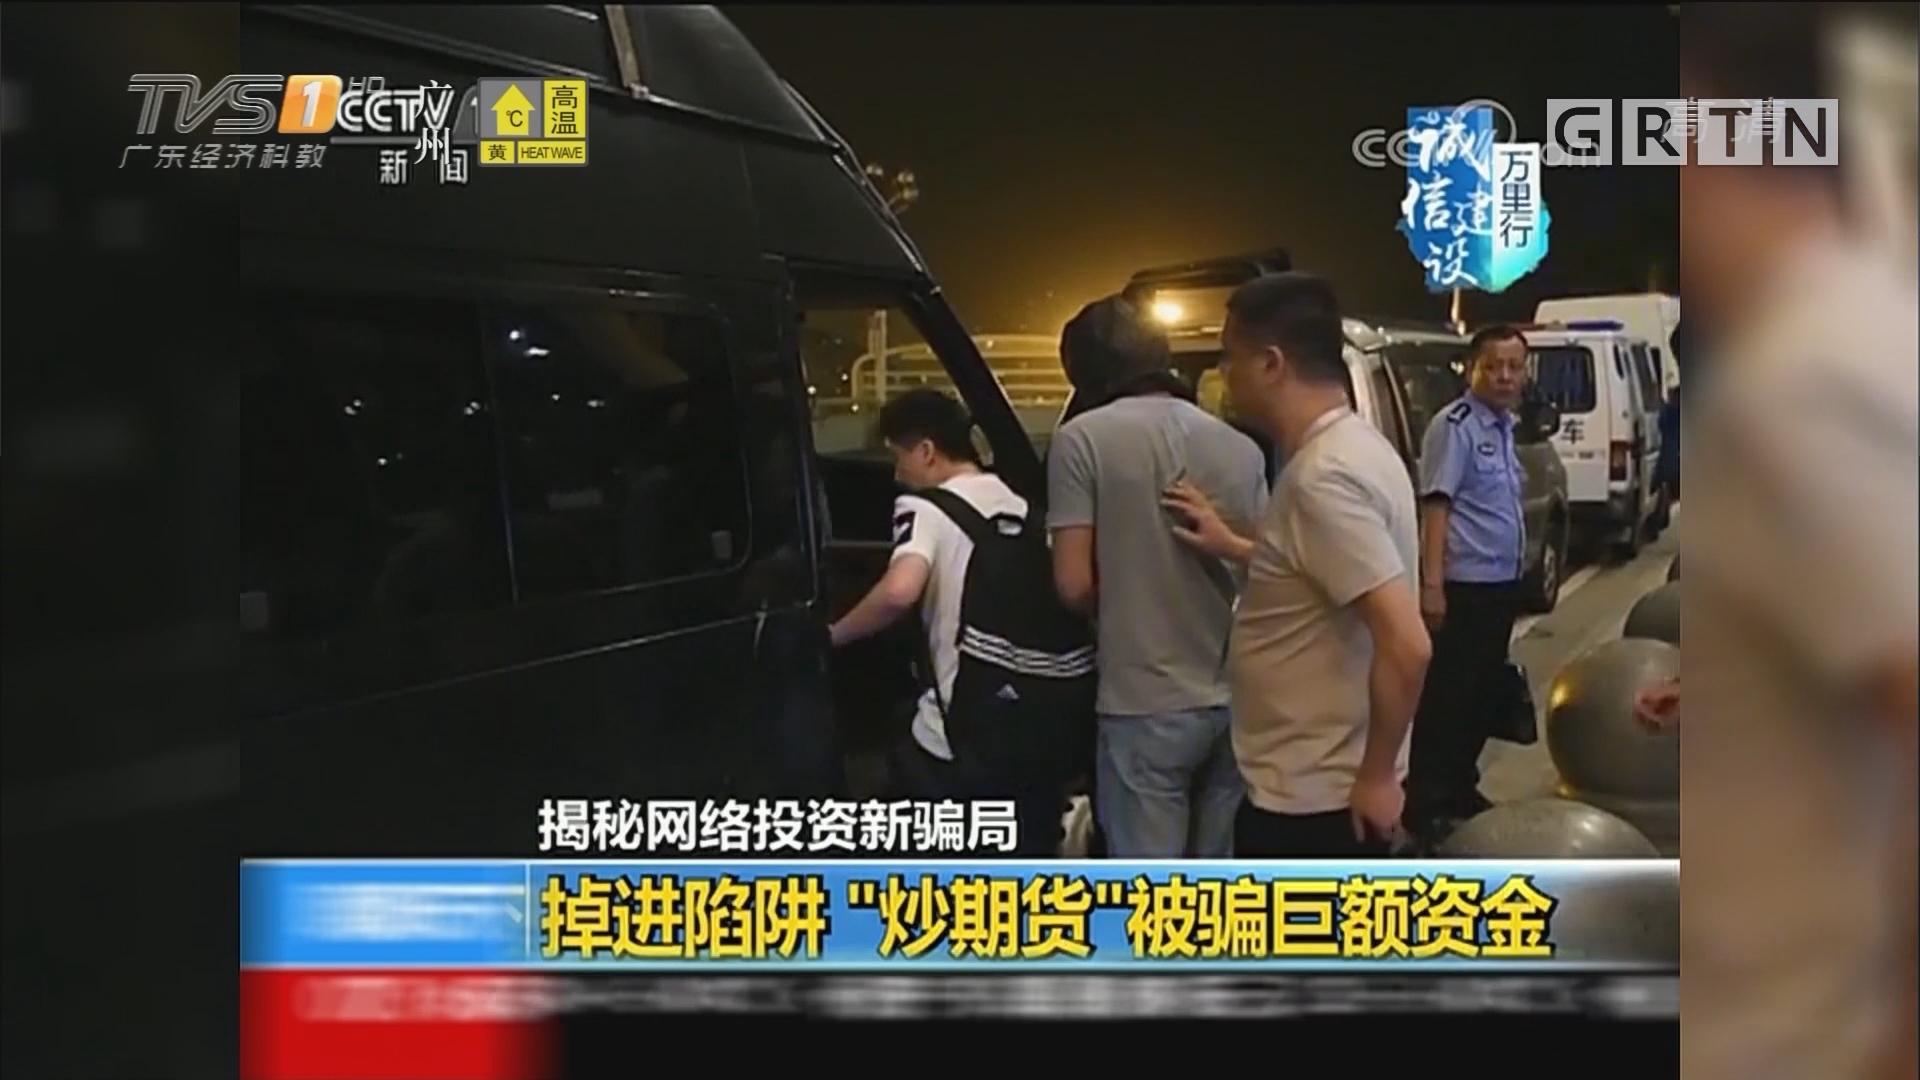 """揭秘网络投资新骗局:掉进陷阱""""炒期货""""被骗巨额资金"""